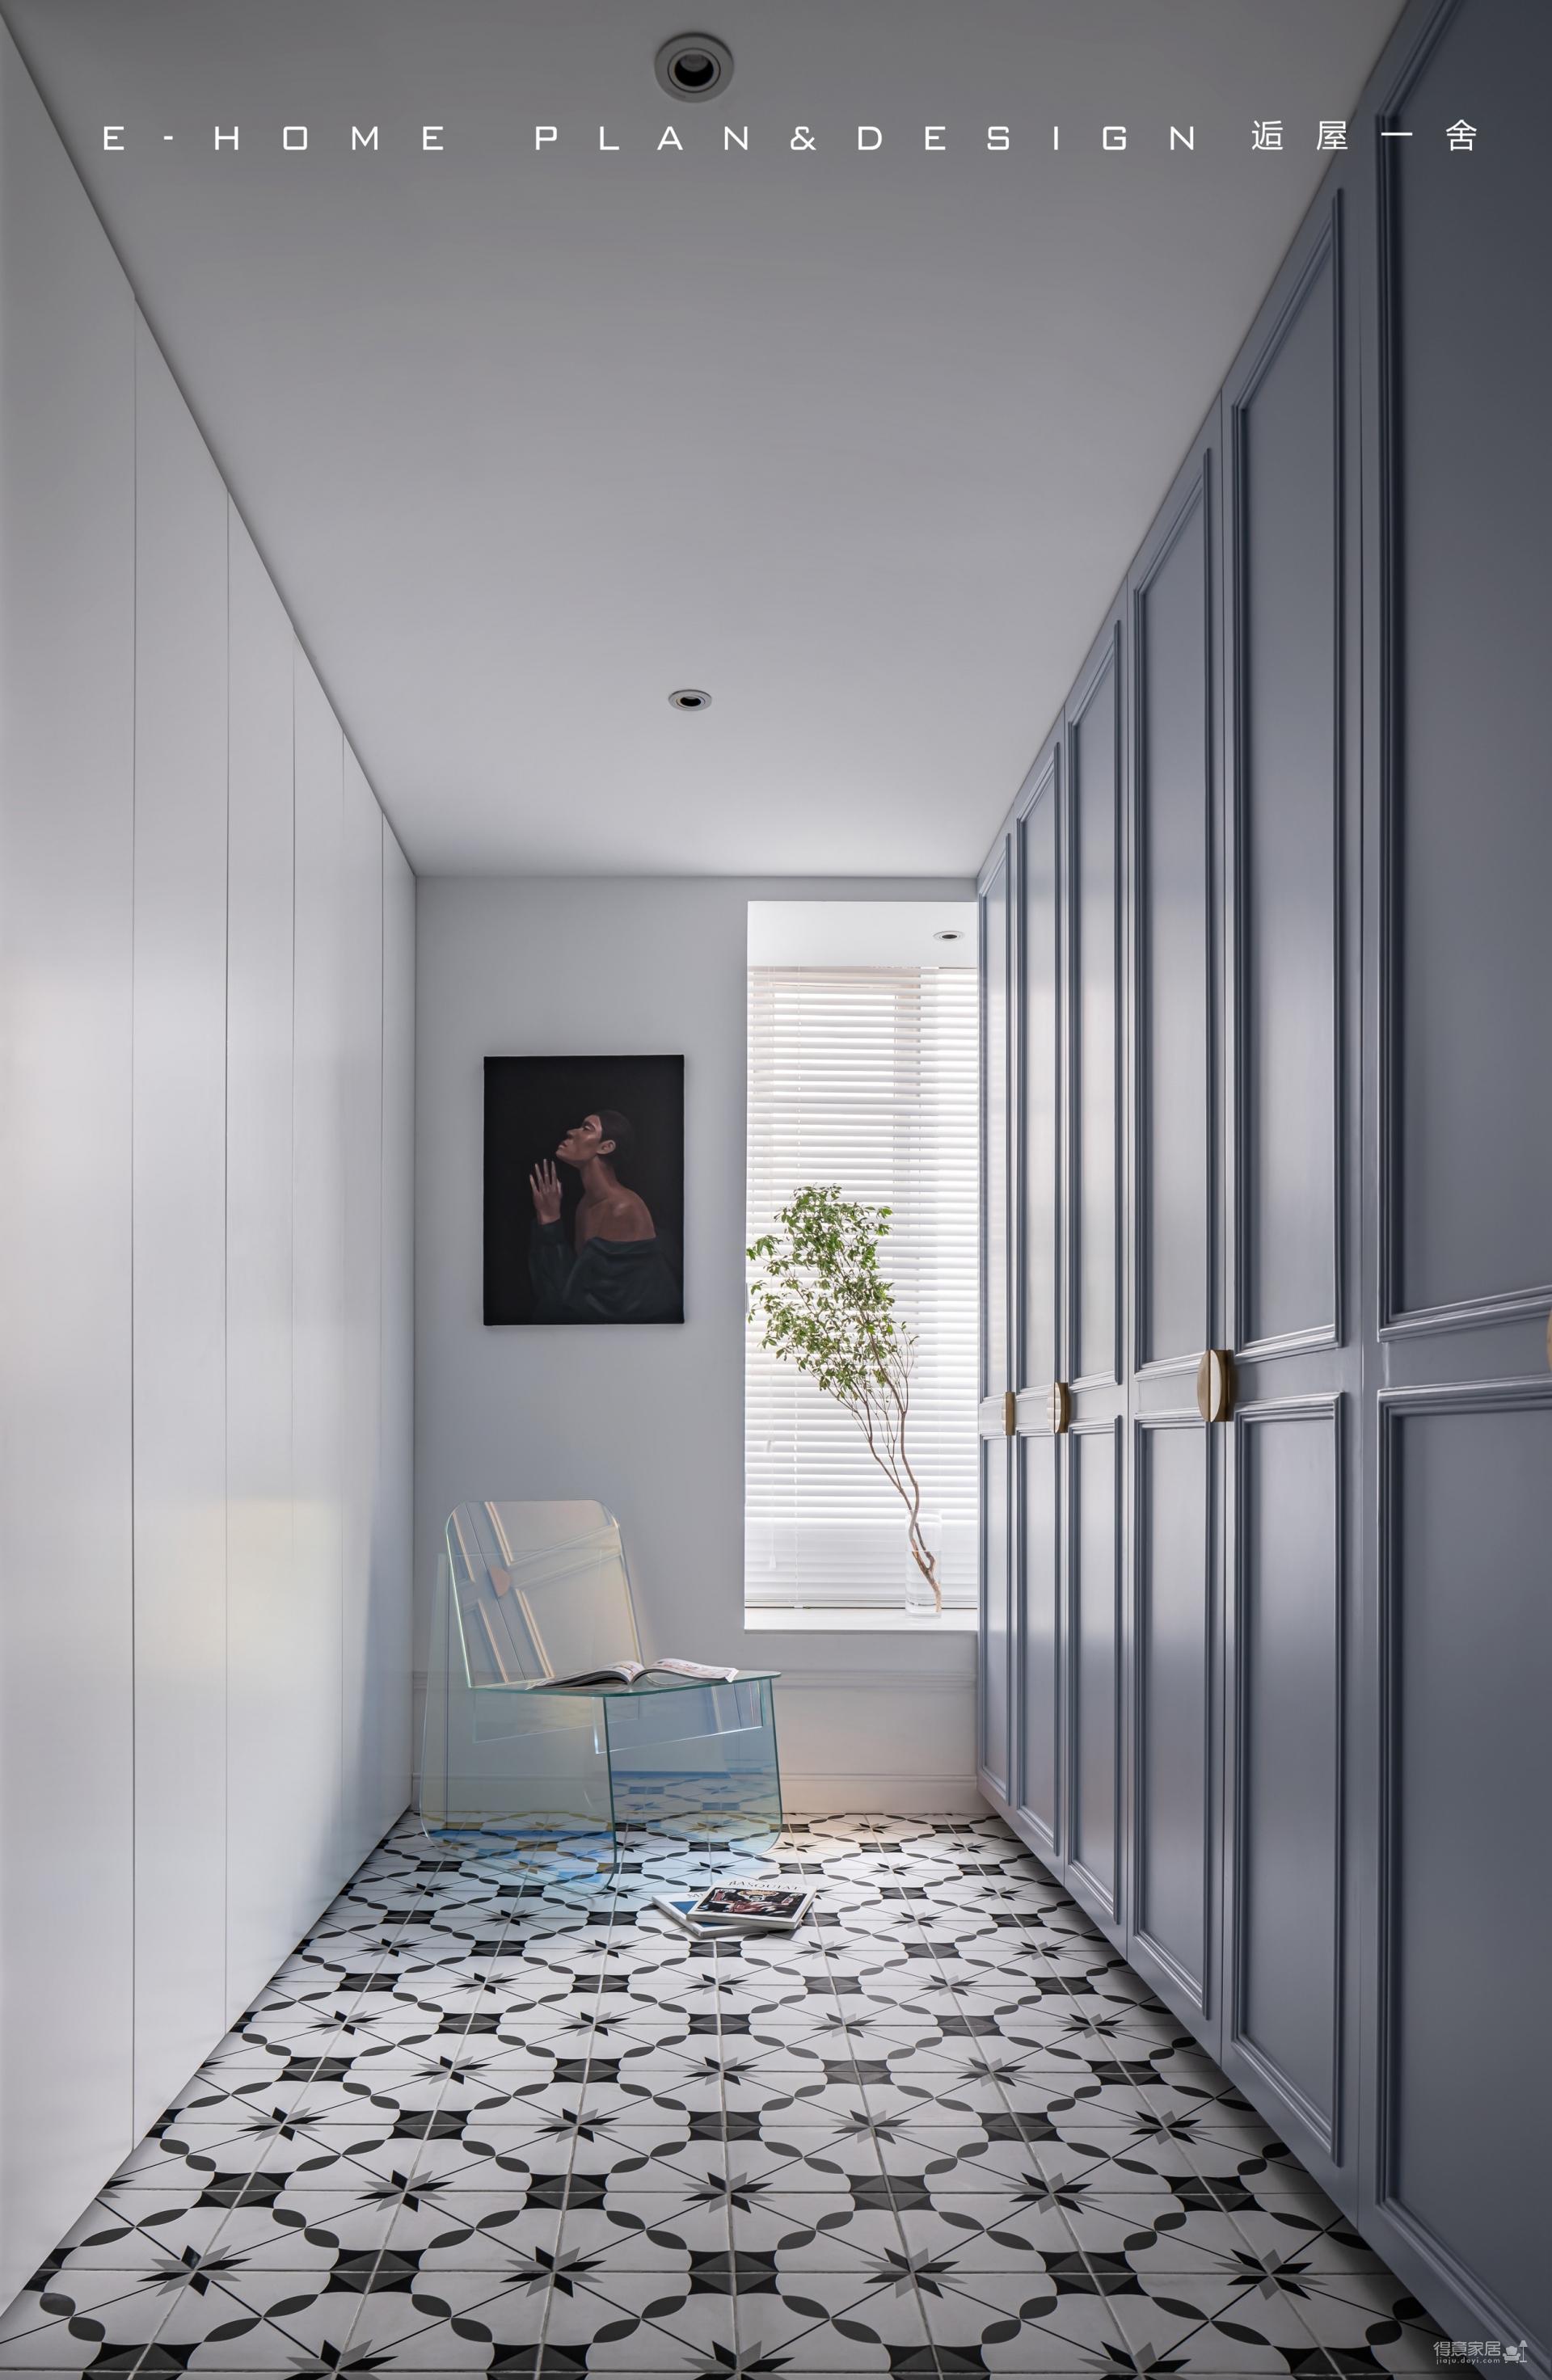 由入户衣帽间,进入一个画廊般的家图_3